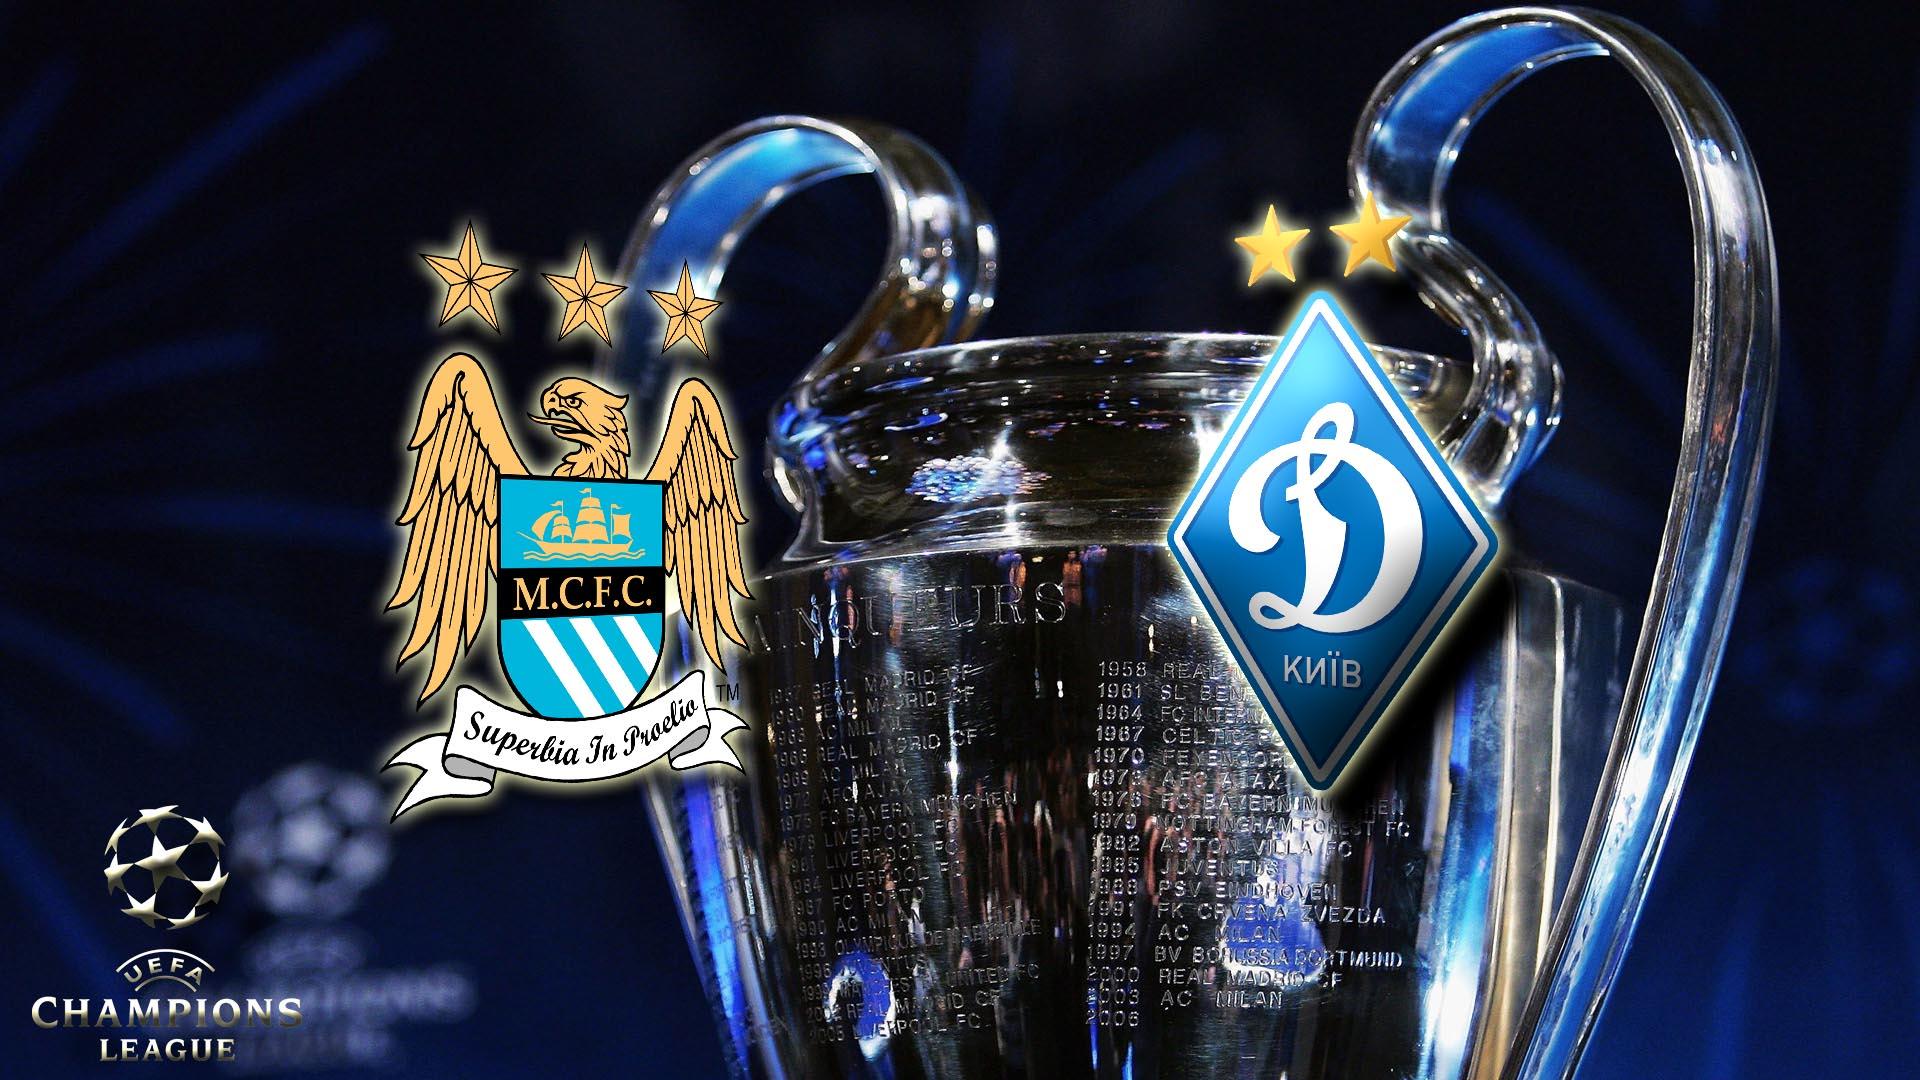 Прогноз на матч Манчестер Сити - Динамо Киев 15 марта 2016